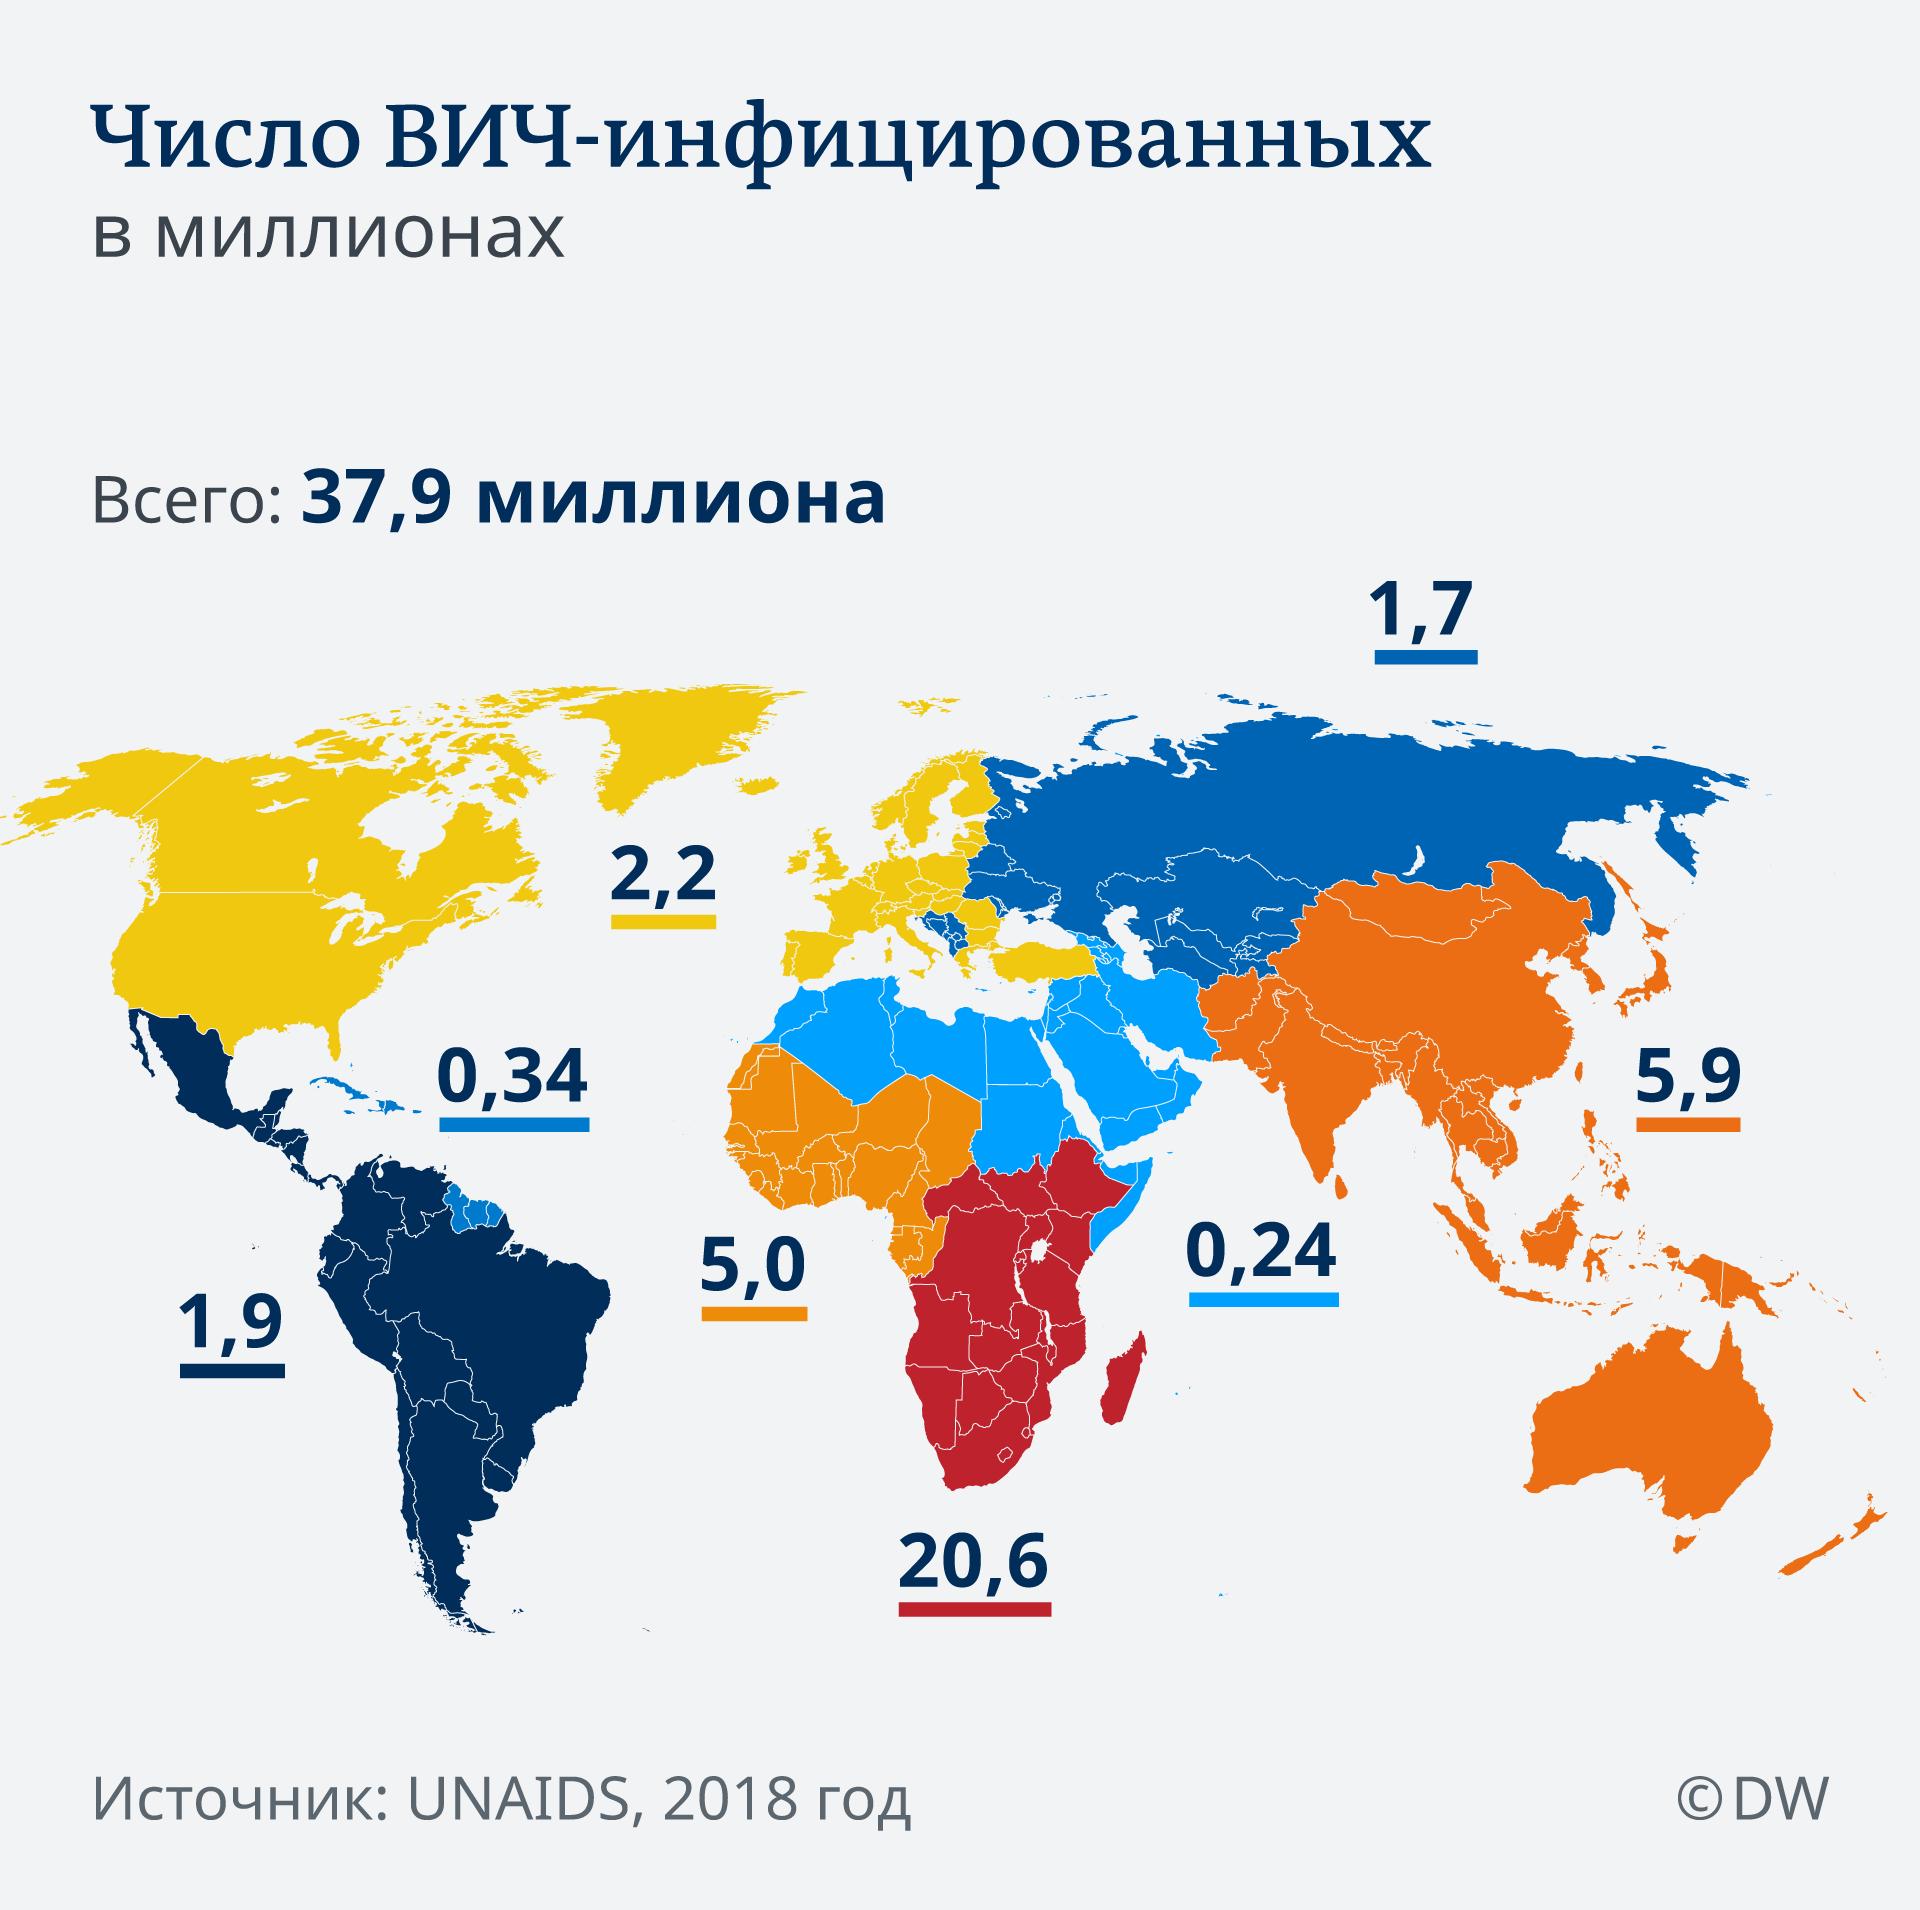 Статистика по ВИЧ-инфицированным во всем мире